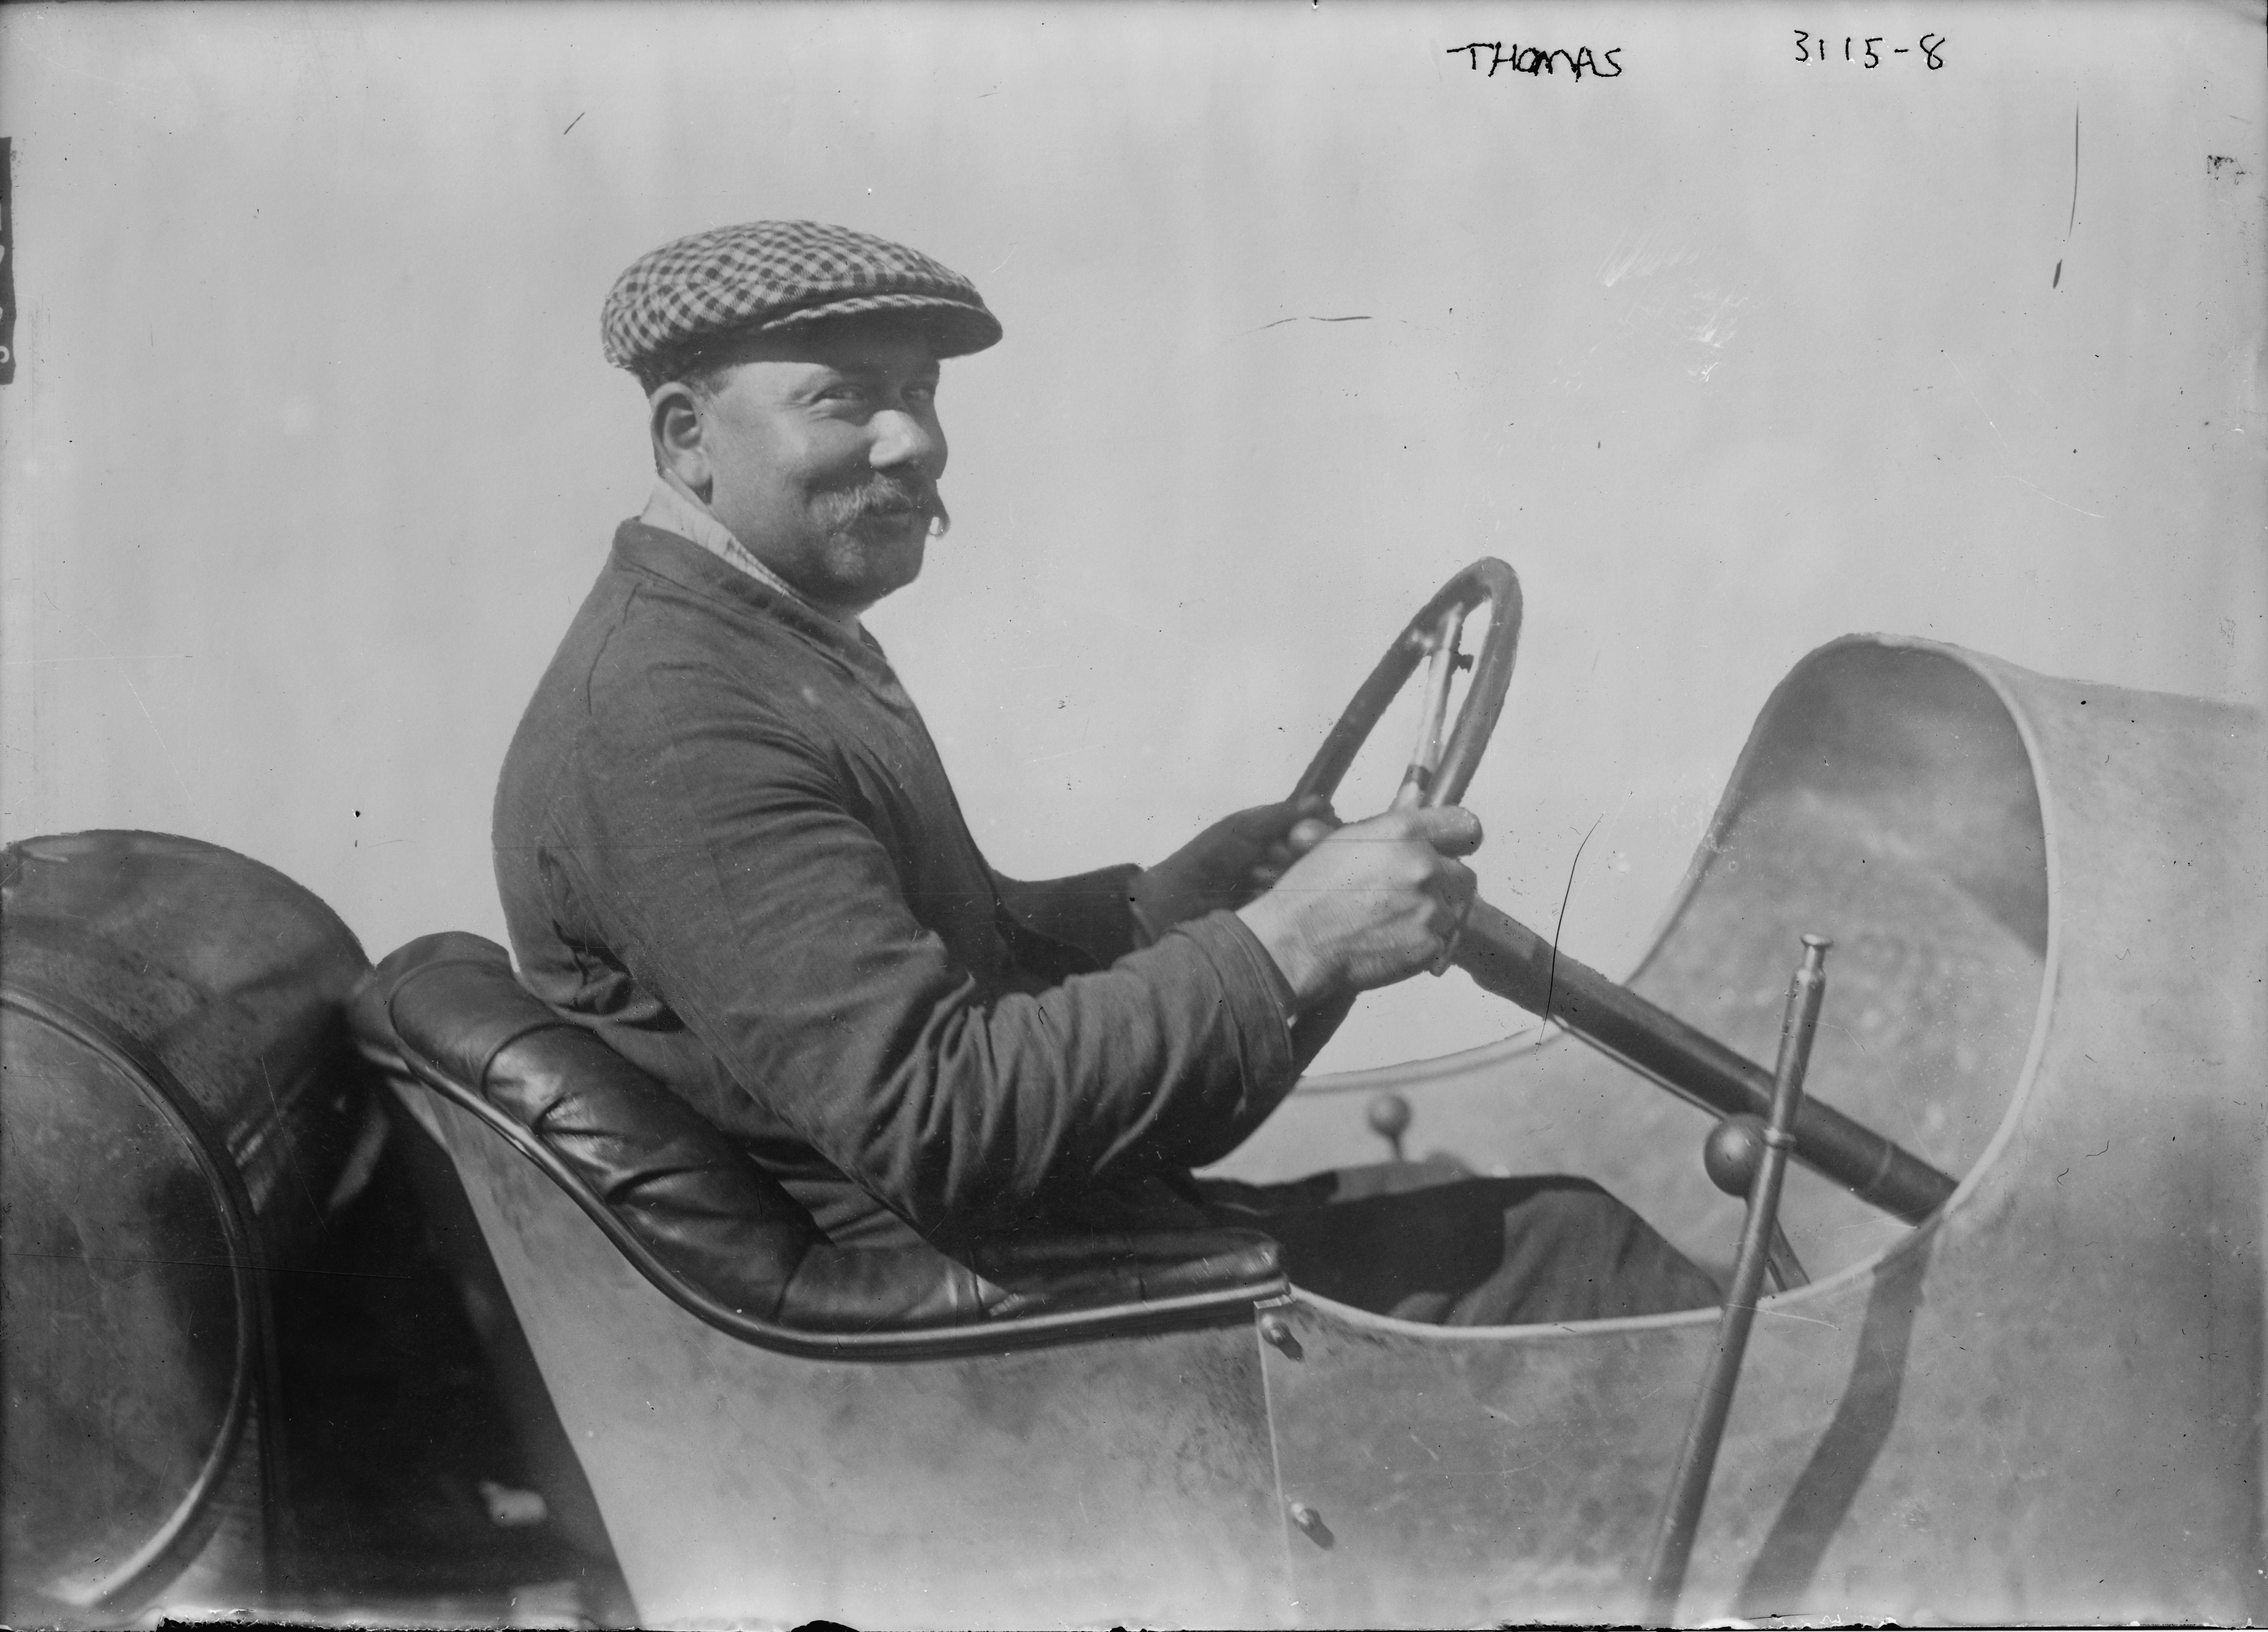 René Thomas (racing driver)